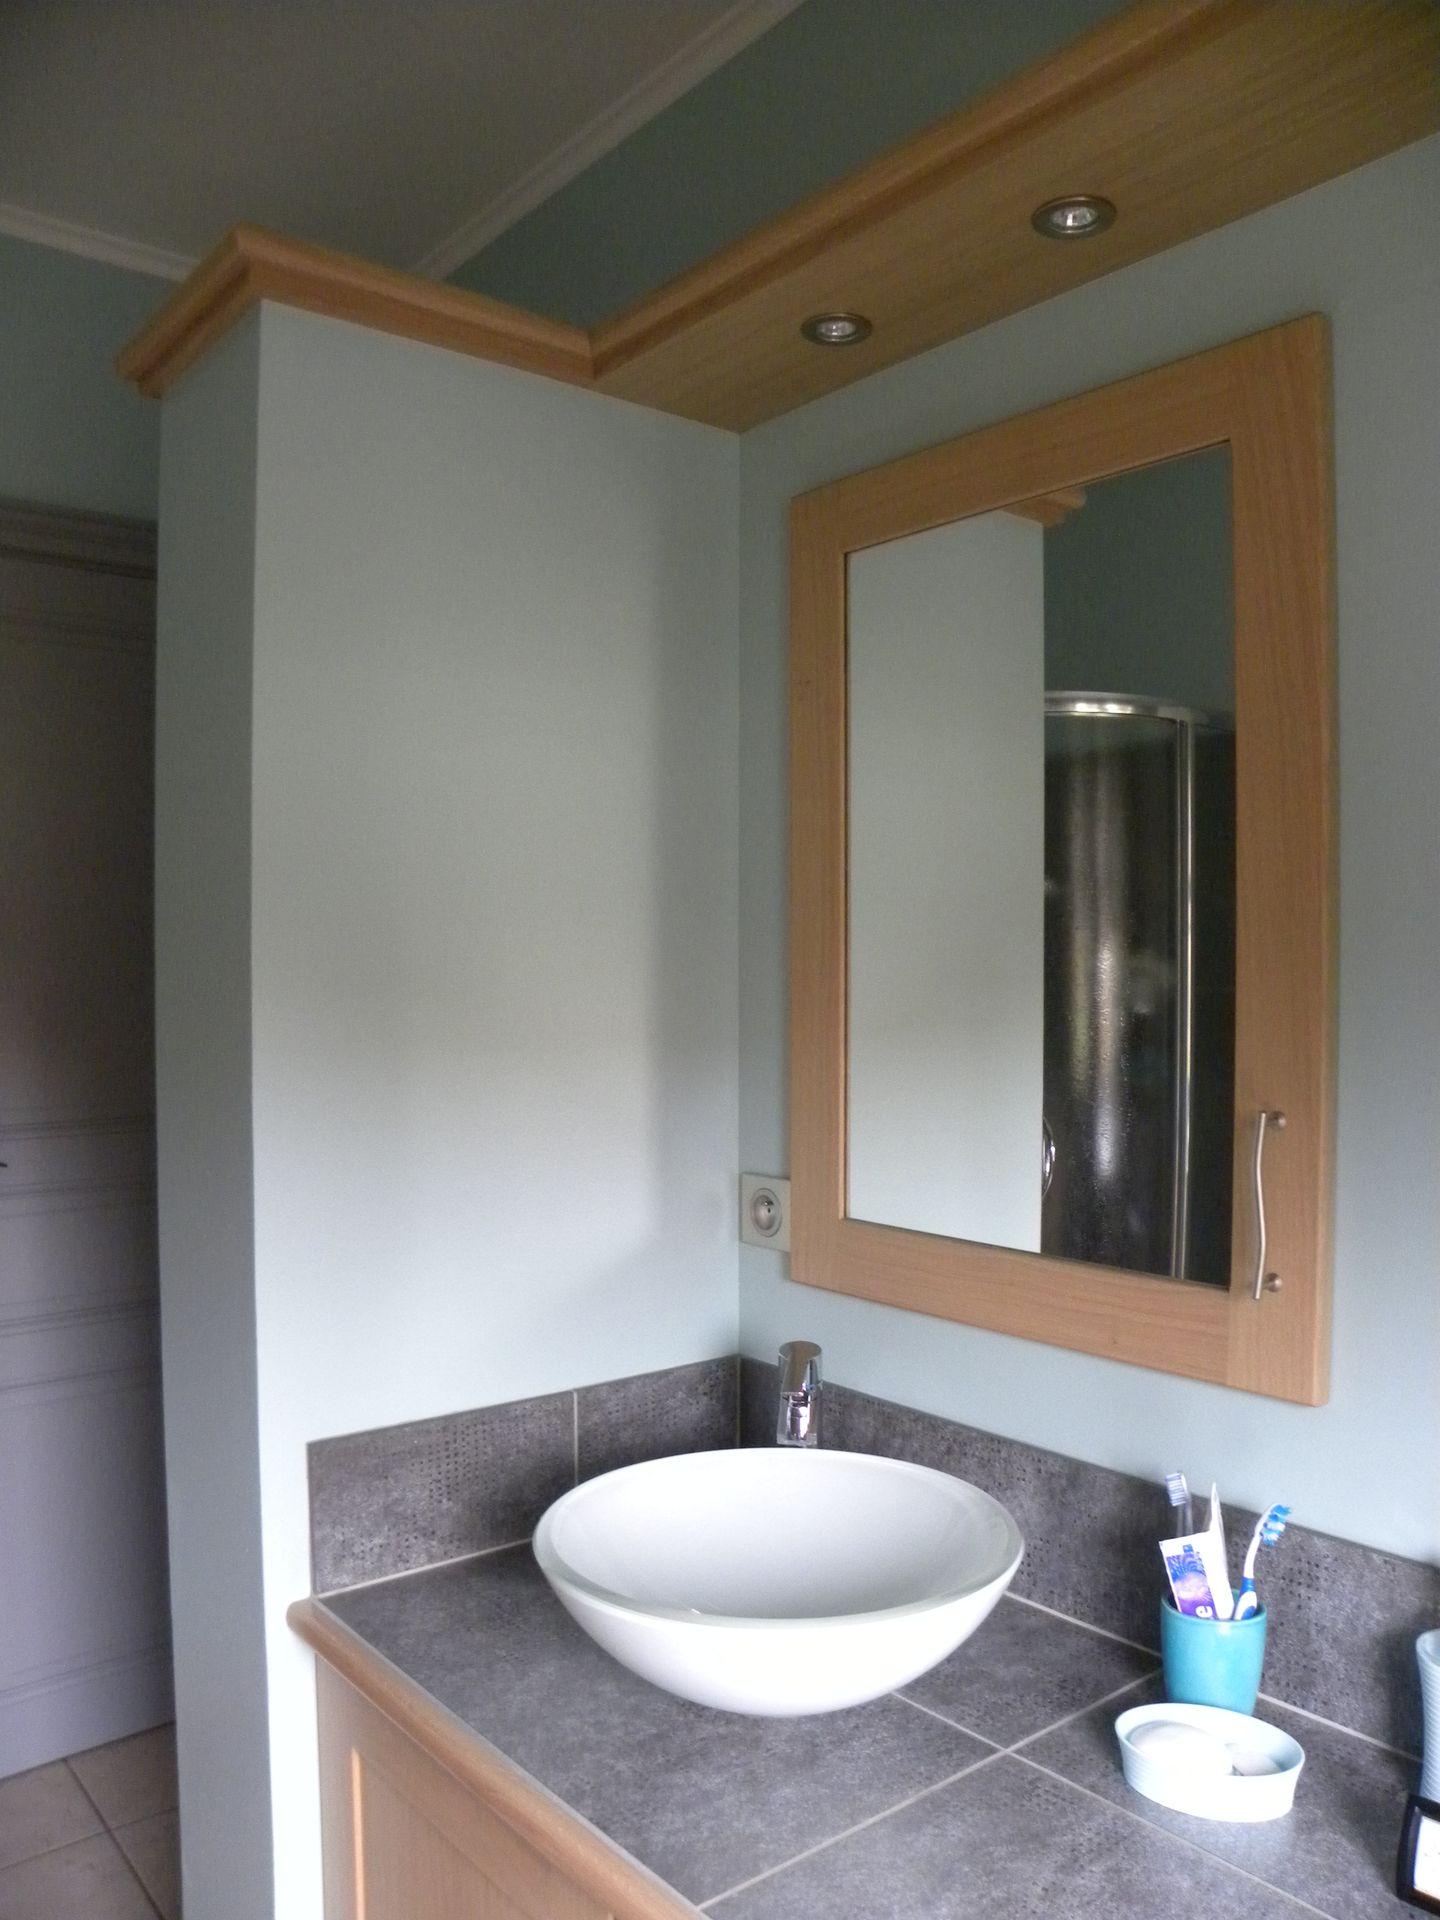 Salle de bains contemporaine bois gilles martel for Salle de bains contemporaine